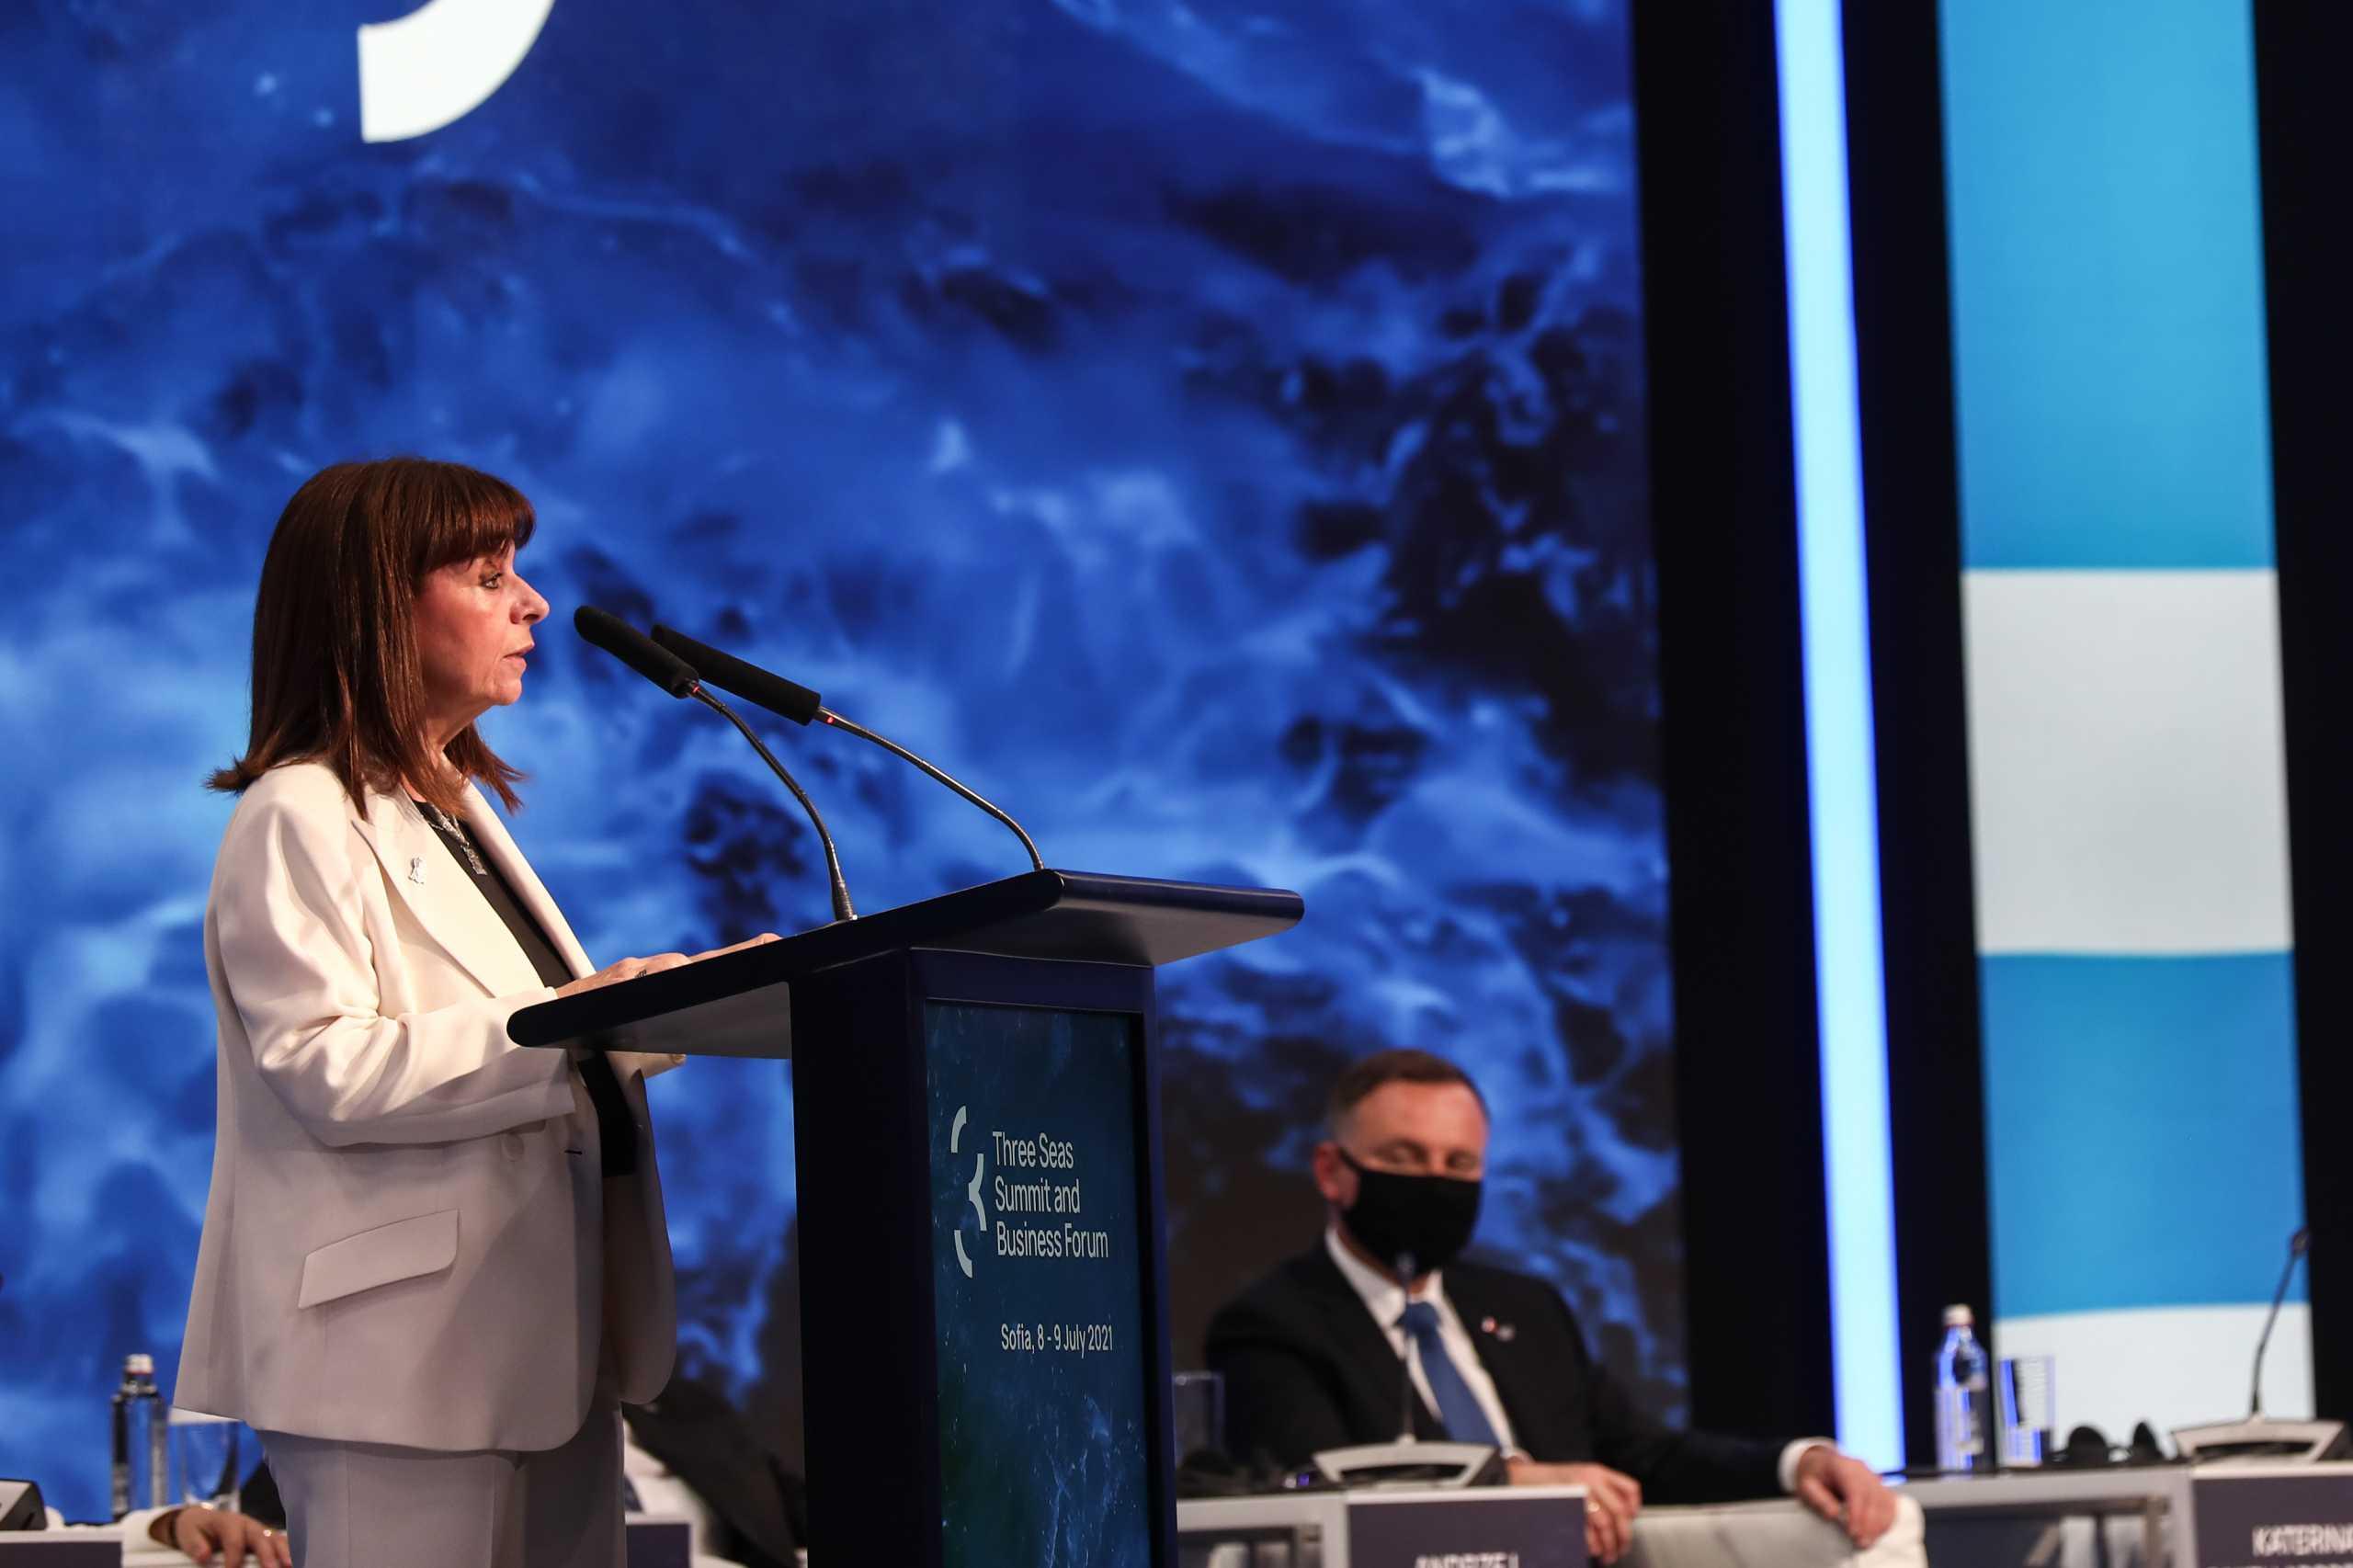 Τον διαπεριφερειακό ρόλο που μπορεί να διαδραματίσει η Ελλάδα στη Νοτιοανατολική Ευρώπη τόνισε η Κατερίνα Σακελλαροπούλου